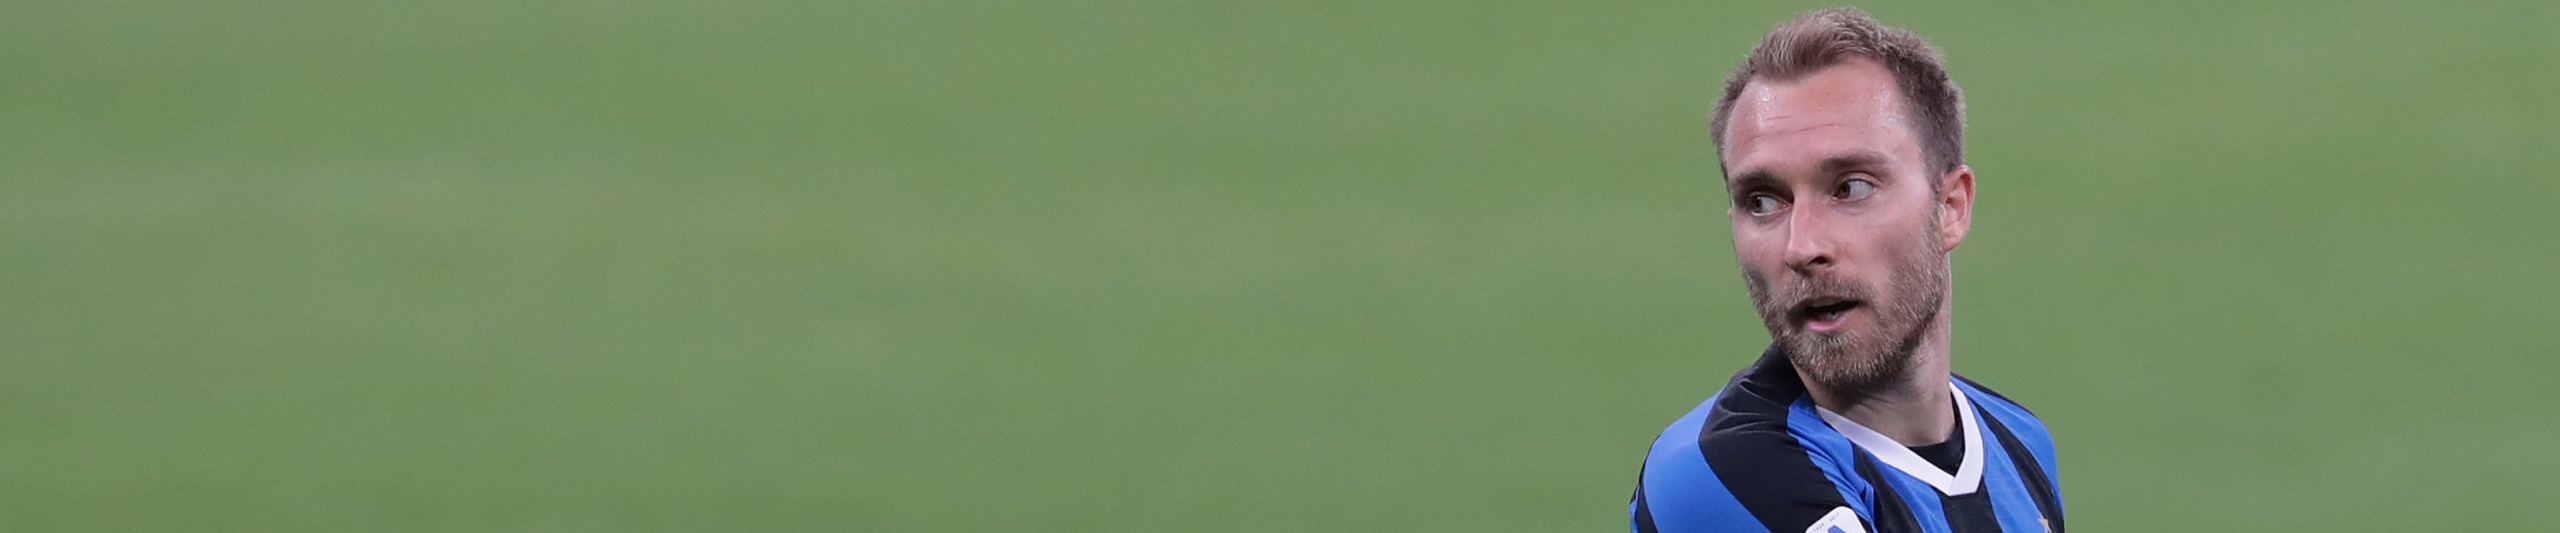 Pronostico Inter-Getafe, Conte se la gioca senza Eriksen: ultimissime e probabili formazioni